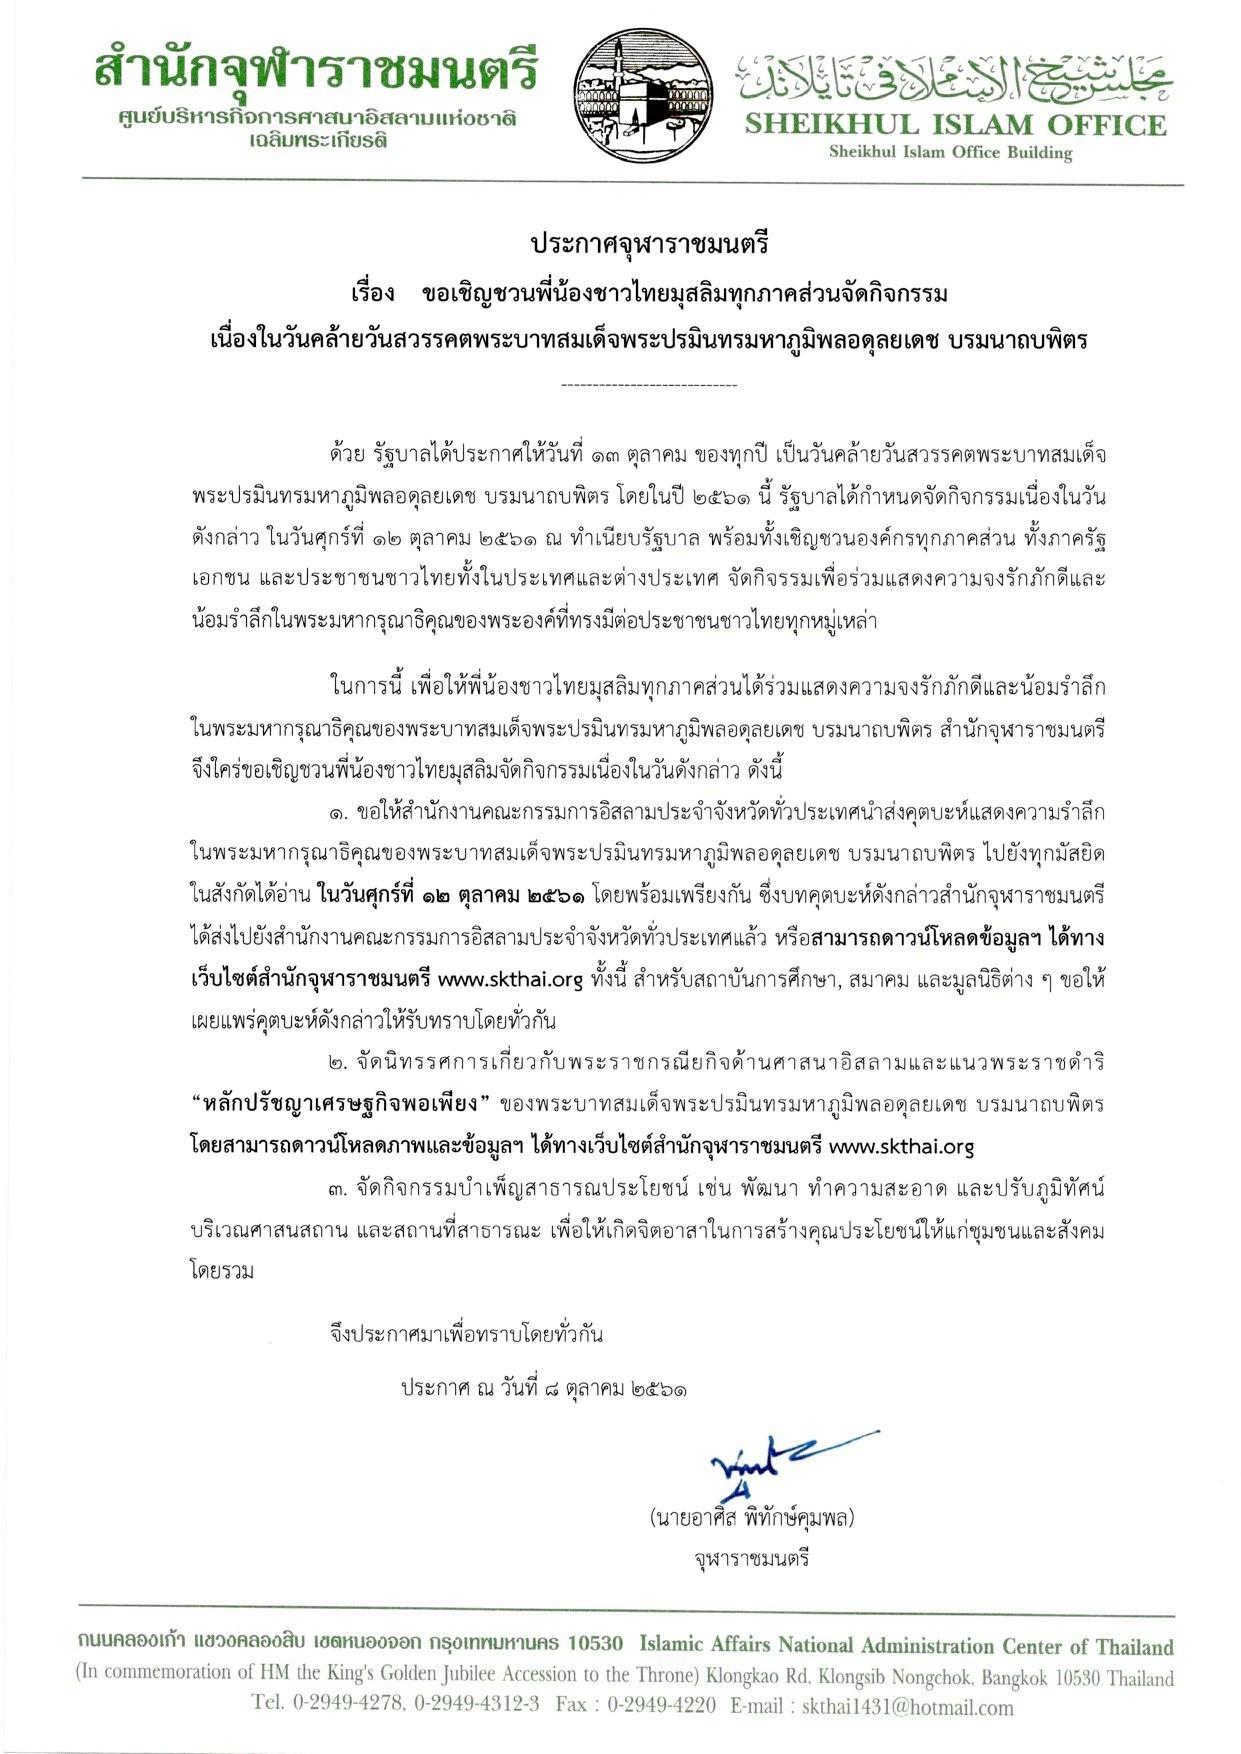 ขอเชิญชวนพี่น้องชาวไทยมุสลิมทุกภาคส่วนจัดกิจกรรม เนื่องในวันคล้ายวันสวรรคตพระบาทสมเด็จพระปรมินทรมหาภูมิพลอดุลยเดช บรมนาถบพิตร